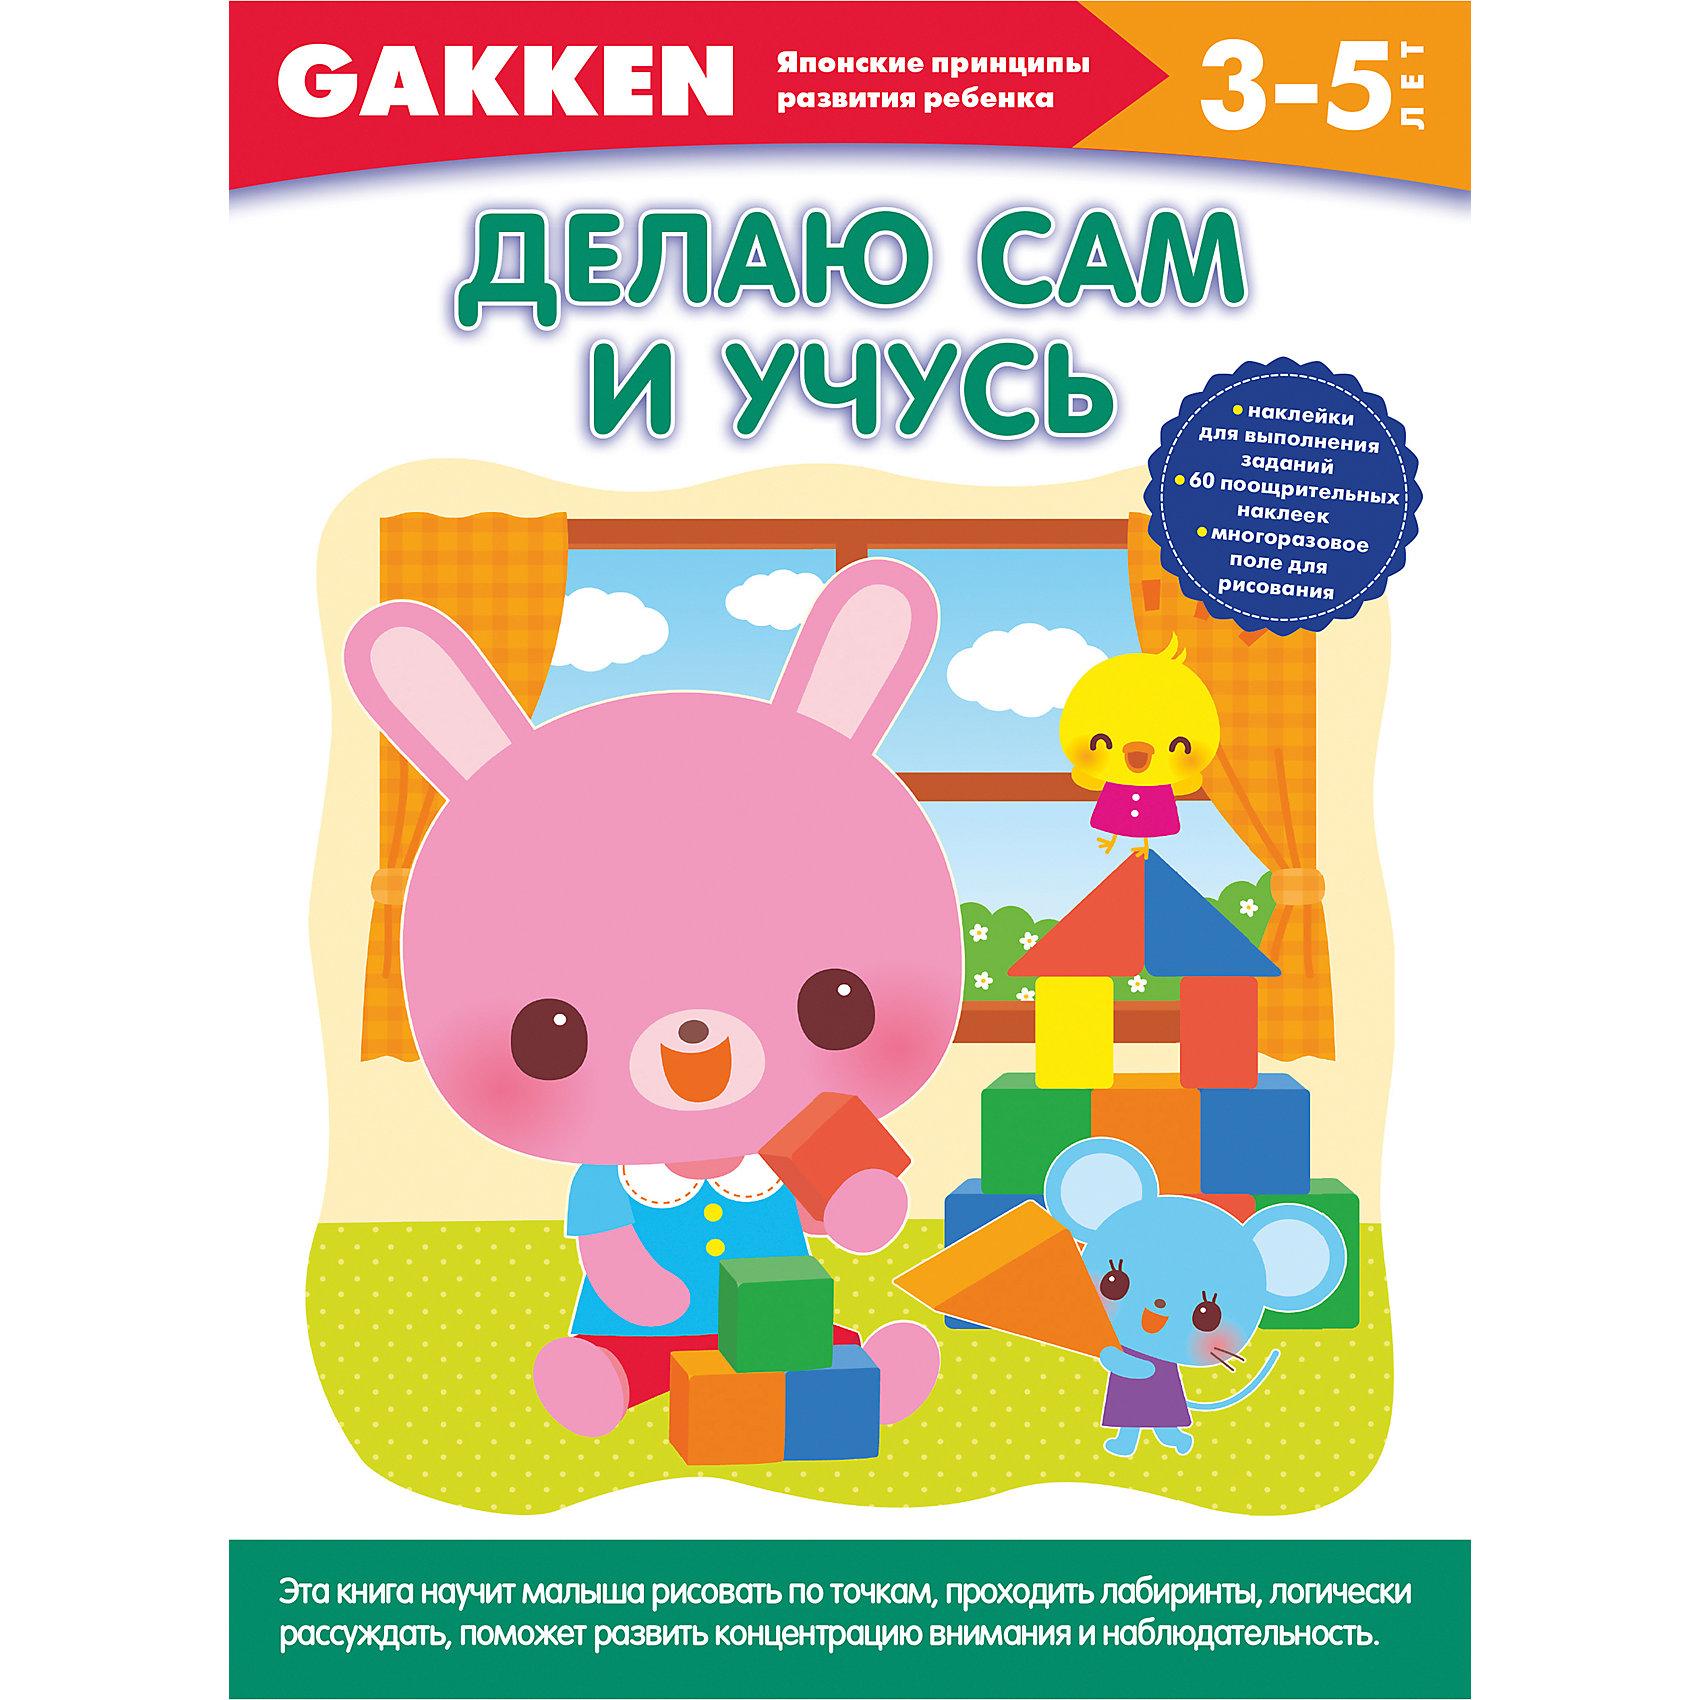 Gakken. 3+ Делаю сам и учусьРабочие тетради GAKKEN - это разработка, созданная на основе работ профессора Акиры Таго - известного в Японии специалиста по развитию интеллектуальных способностей. Вот уже 30 лет по этим тетрадям занимаются миллионы японских малышей. <br>Что же такого особенного в этих тетрадях? А вот что:<br>•развитие и обучение ребенка строится по системе «микро-шагов», когда каждый последующий шаг чуть сложнее предыдущего. Это вселяет в ребенка уверенность в собственных силах, и соответственно помогает ему научиться принимать самостоятельные решения;<br>•вся структура и подача материала нацелена не на то, чтобы напичкать ребенка конкретными знаниями, а на то, чтобы научить его критически мыслить и находить творческие пути решения задач; <br>•иллюстративный ряд и подбор заданий стимулируют эмоциональное развитие ребенка, помогают в социализации, готовят ребенка к общению в школьном коллективе. <br><br>С книгой 3+ Делаю сам и учусь ваш ребёнок научится:<br><br>·проходить простые лабиринты и рисовать по точкам;<br>·играть в развивающие подвижные игры;<br>·логически рассуждать и сравнивать предметы;<br>·мастерить с помощью ножниц и клея простые поделки. .  <br>А ещё малыш сможет порисовать на специальном многоразовом поле для рисования в конце книги!<br><br>Дополнительная информация:<br><br>- год выпуска: 2016<br>- переплёт: мягкий переплет<br>- количество страниц: 64<br>- вес: 280 гр.<br>- размеры: 29* 21*1 см. <br>- возраст: от  3 до 5  лет<br><br><br>Книгу Gakken. 3+ Делаю сам и учусь можно купить в нашем интернет - магазине.<br><br>Ширина мм: 290<br>Глубина мм: 210<br>Высота мм: 5<br>Вес г: 280<br>Возраст от месяцев: 36<br>Возраст до месяцев: 72<br>Пол: Унисекс<br>Возраст: Детский<br>SKU: 4753386